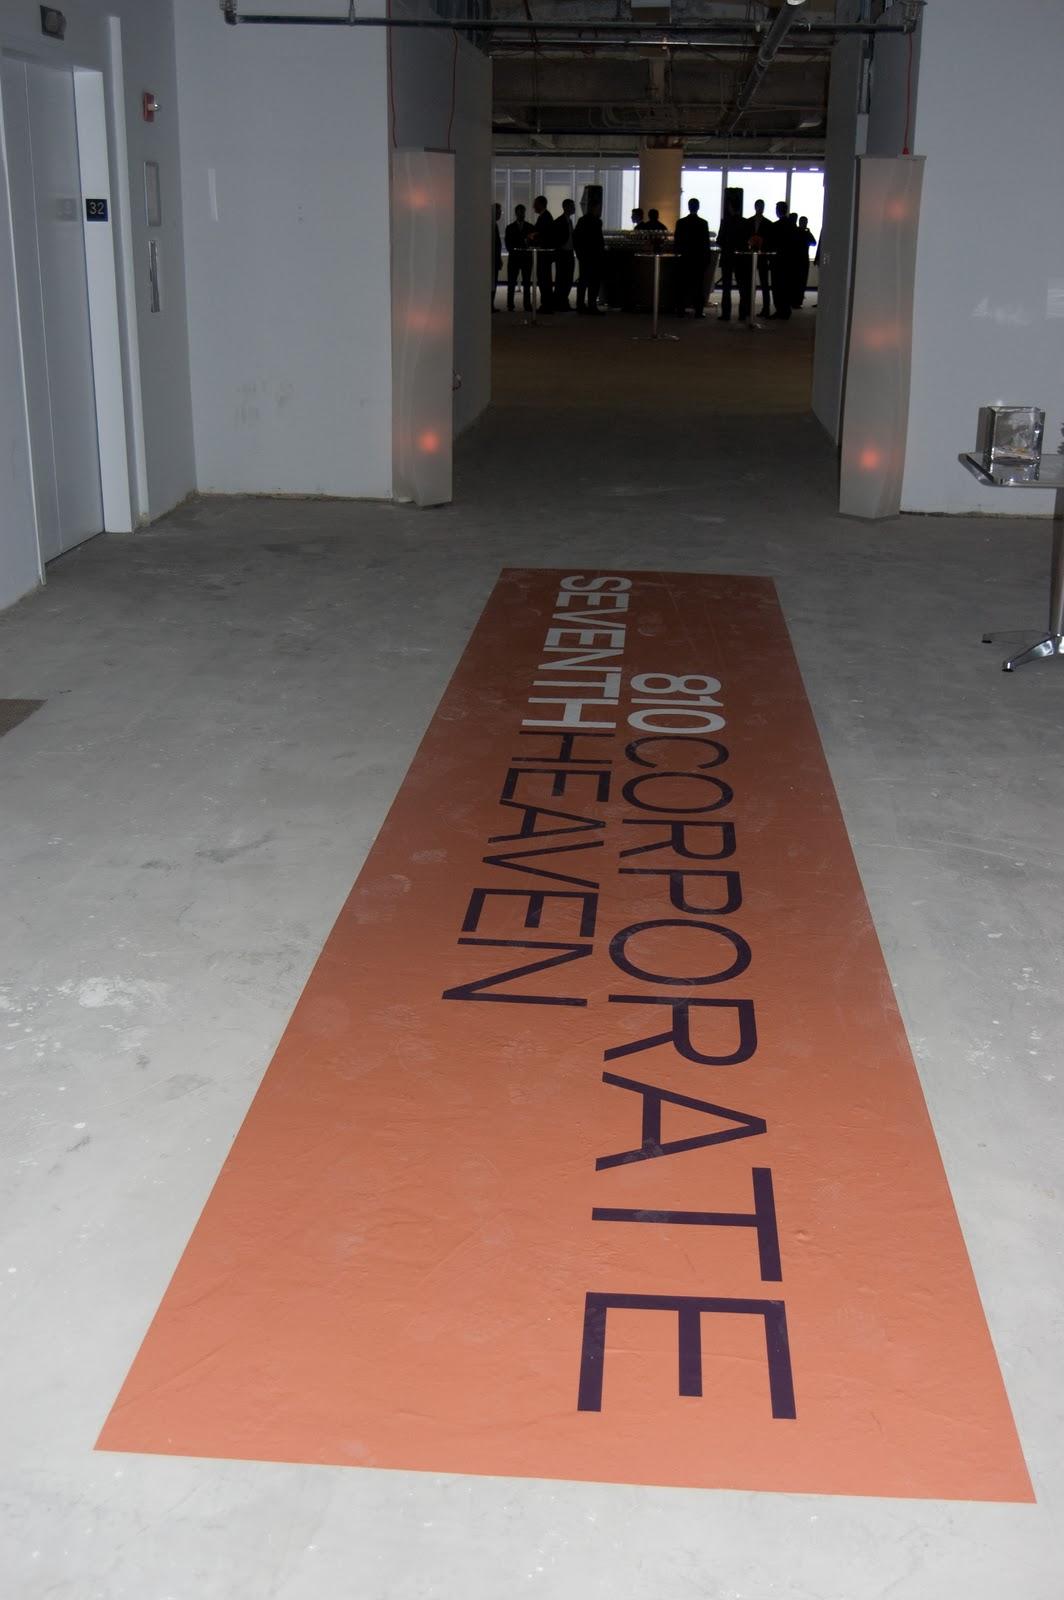 http://2.bp.blogspot.com/-0P5-ct-o8uM/TyF5gSZTlQI/AAAAAAAAAWY/Ay9JC9sAbRc/s1600/Branding_Logo_On_Floor.jpg